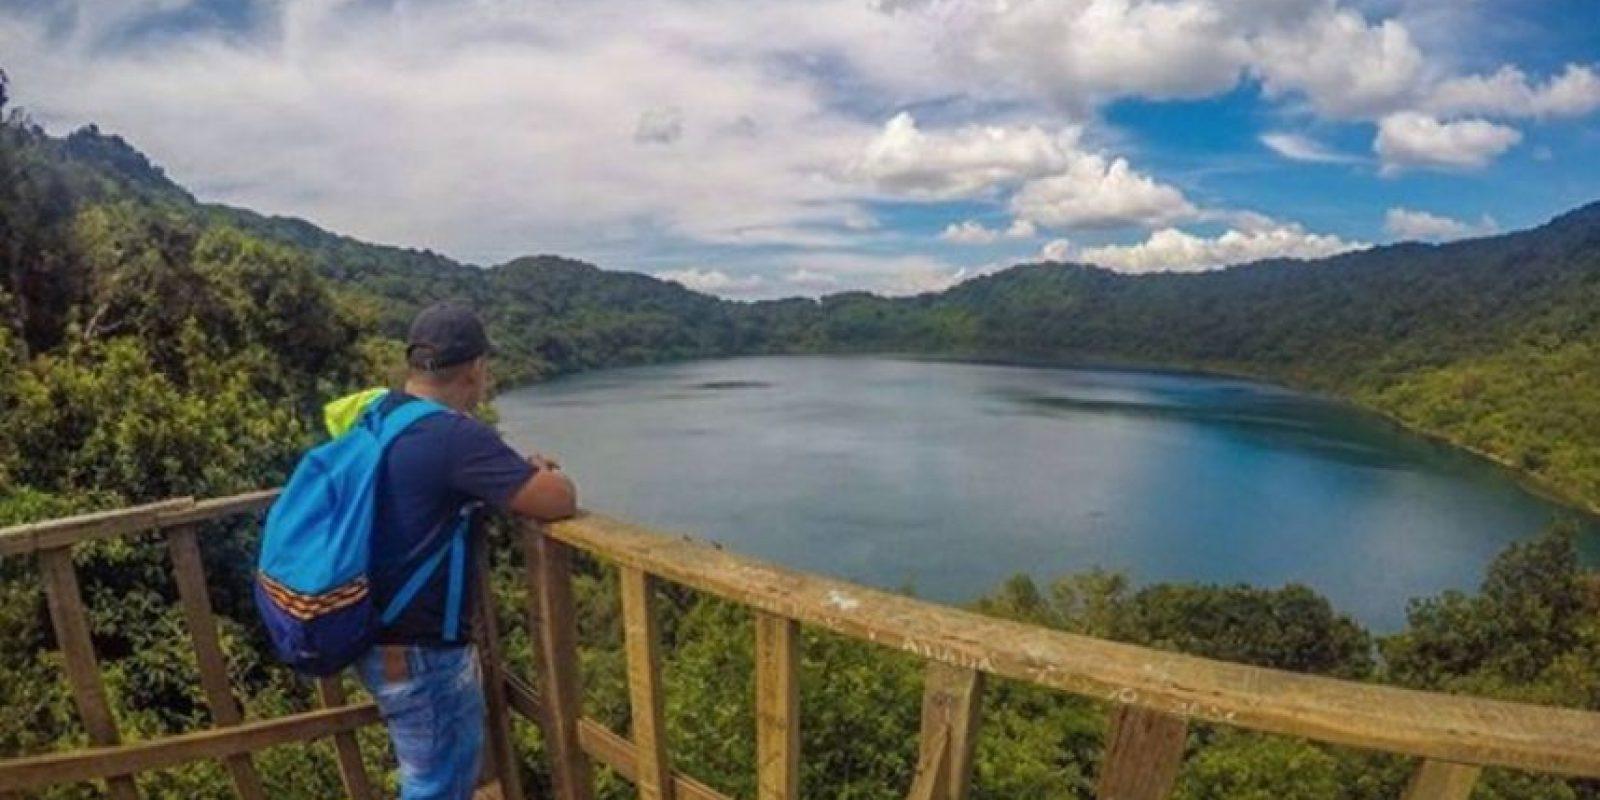 También pueden acampar, cocinar, conocer la fauna y naturaleza del lugar o pasar un agradable momento con sus amigos. Foto:instagram.com/mayaxplor